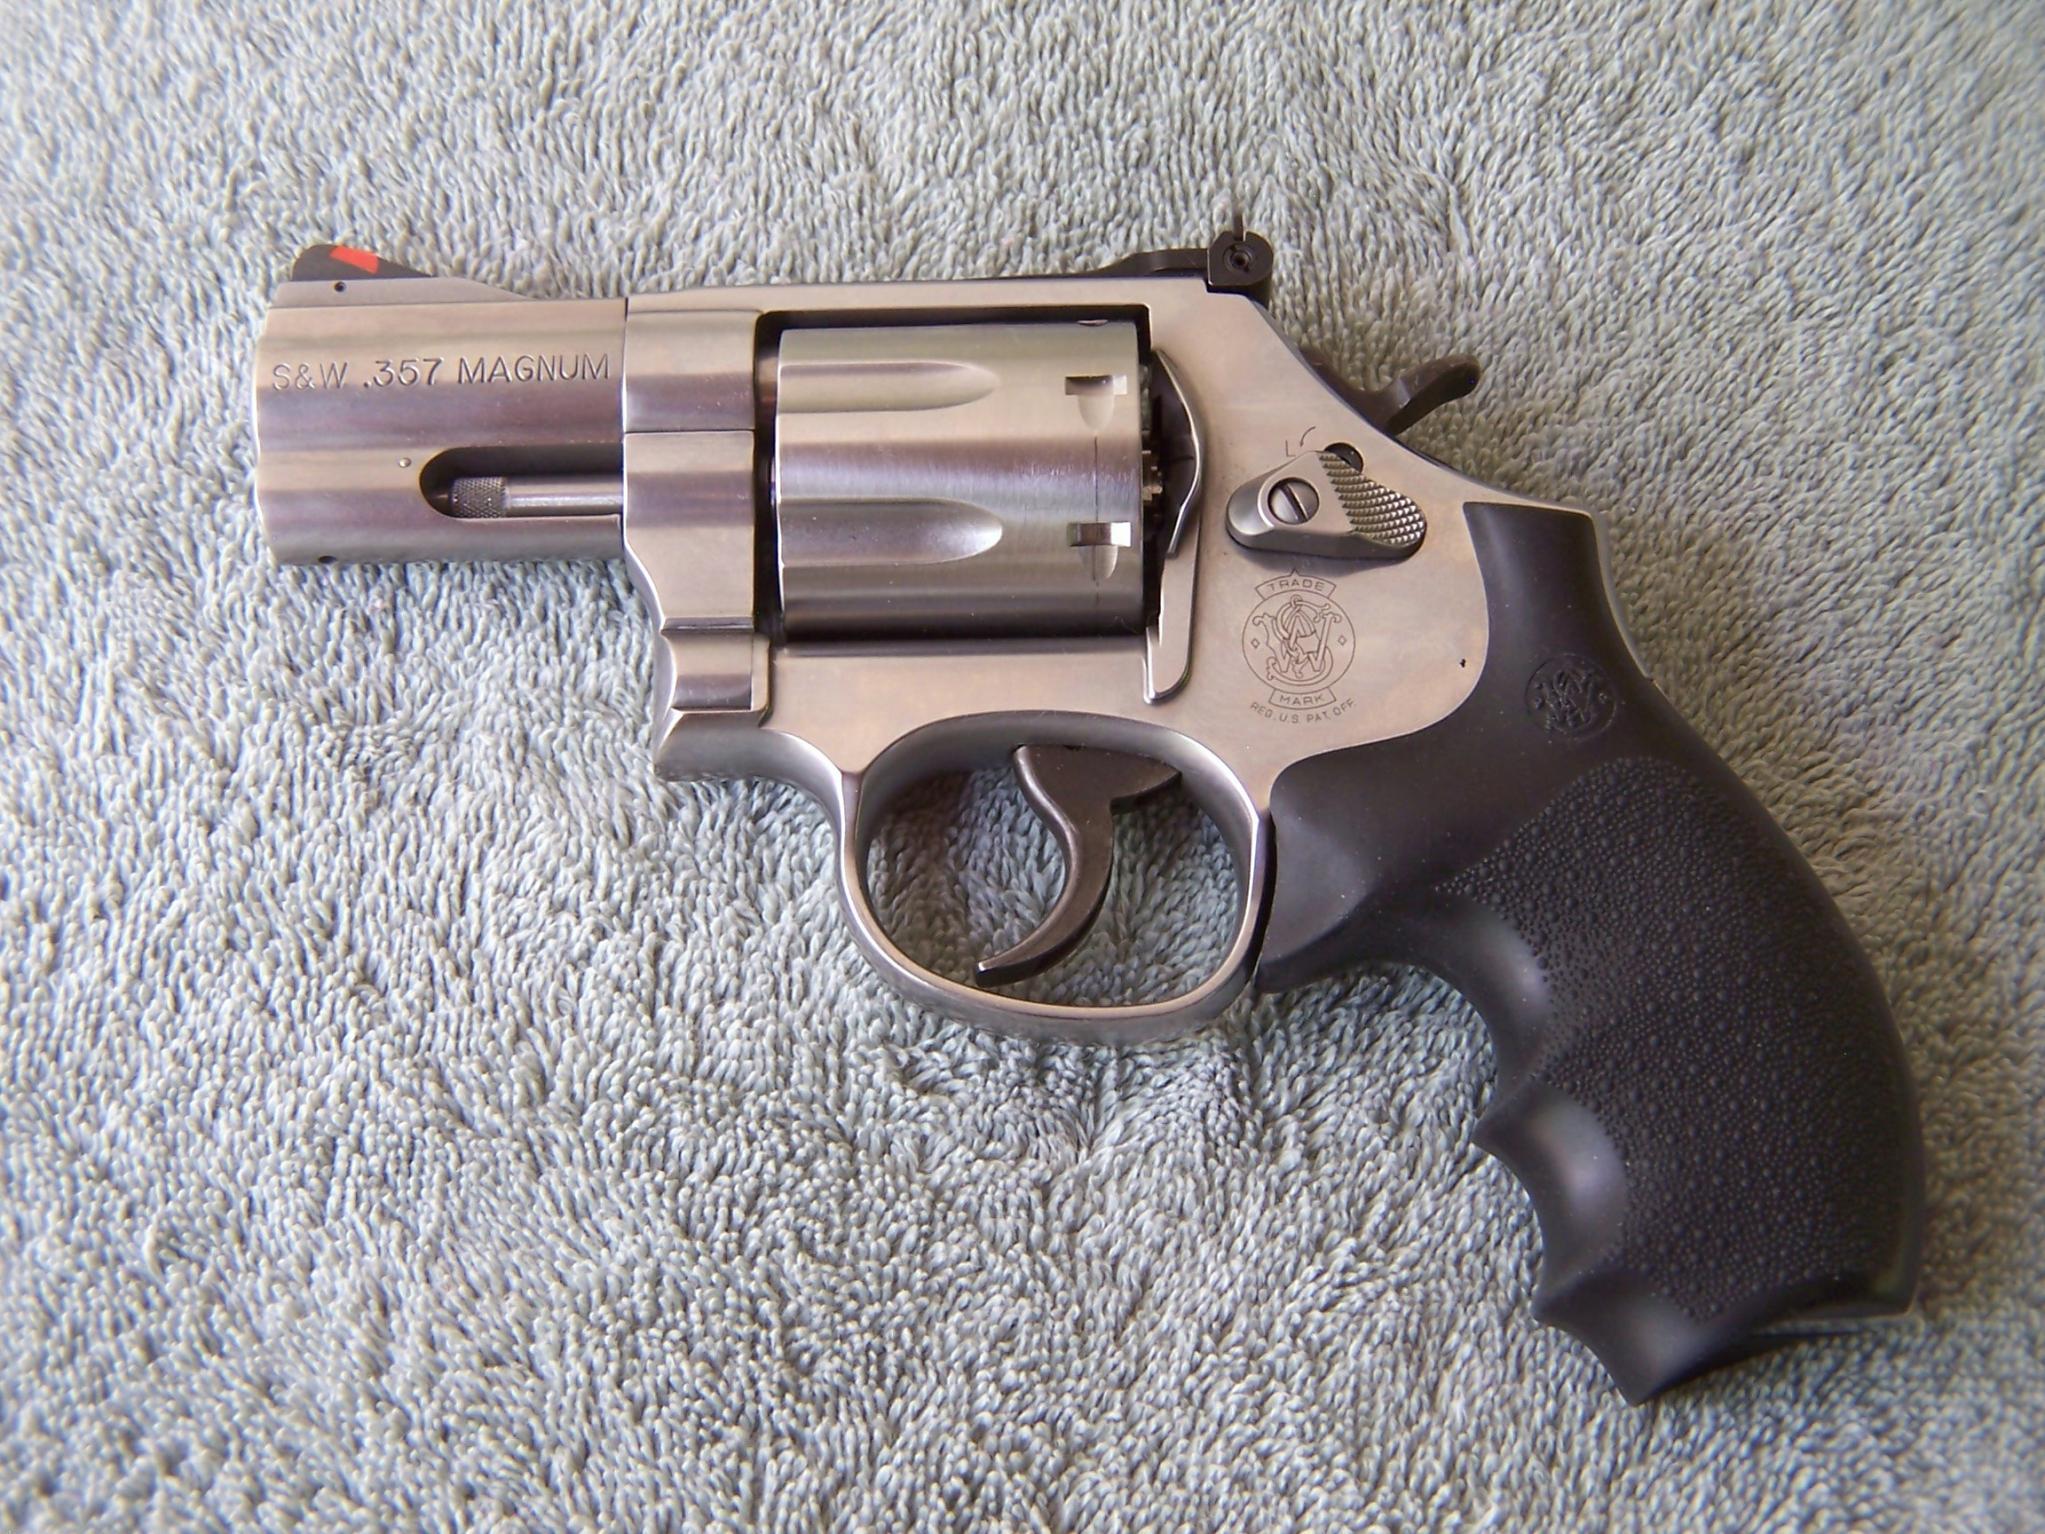 Ruger VS S&W Revolvers-daz0871.jpg